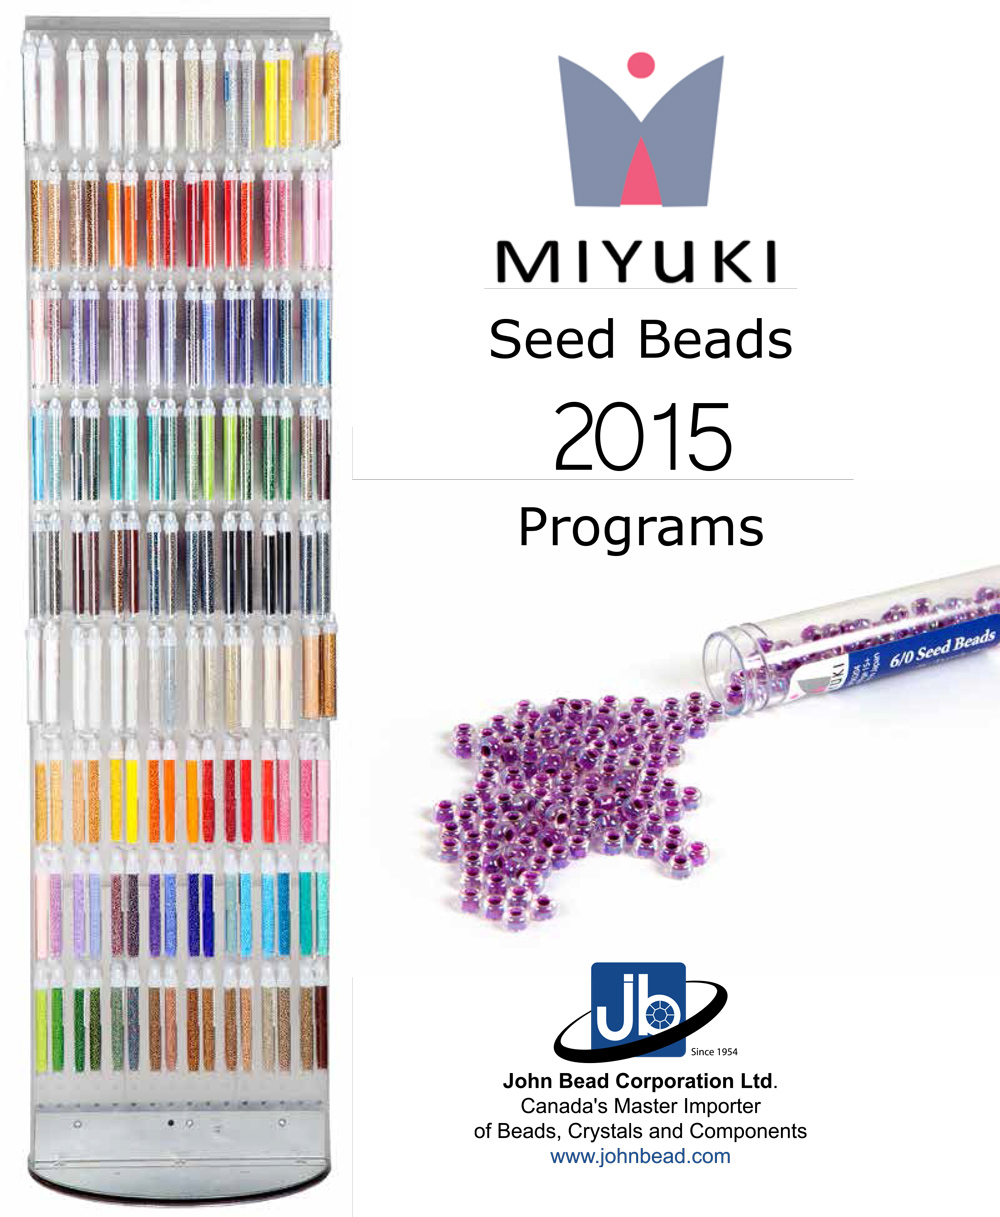 Miyuki-Program-Brochure-1